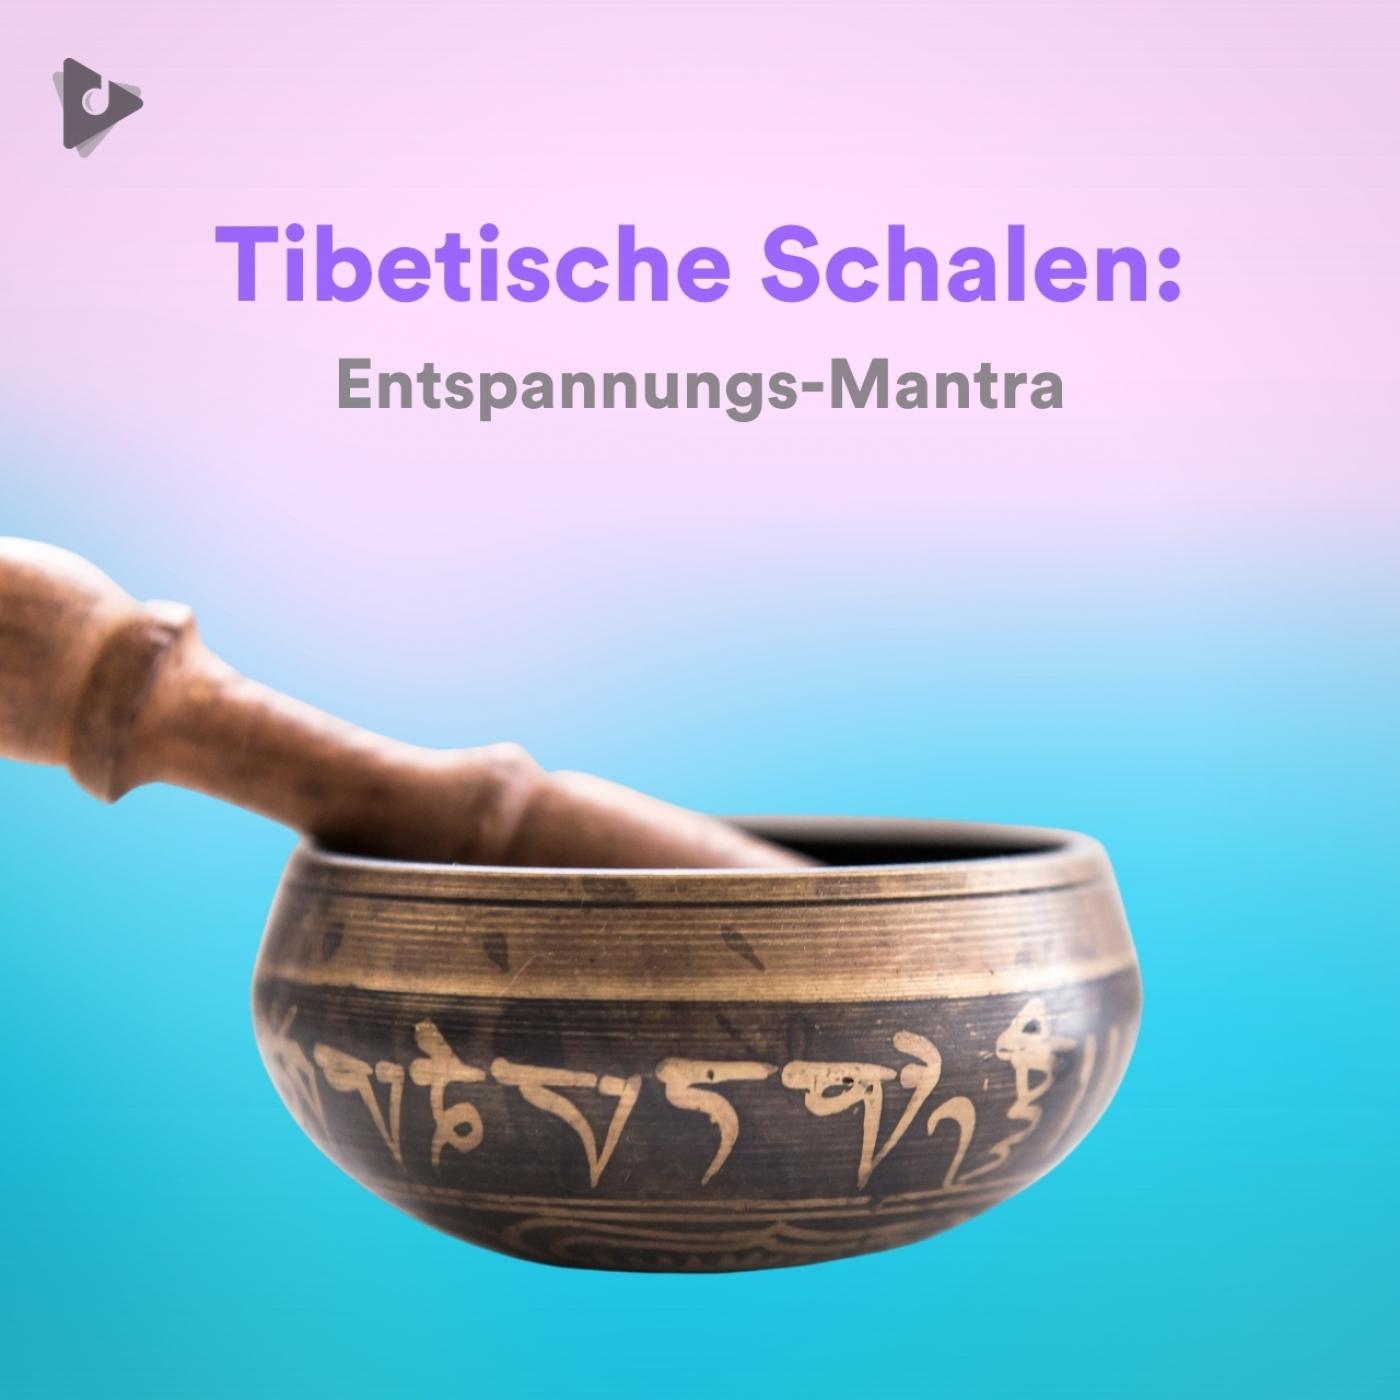 Tibetische Schalen: Entspannungs-Mantra